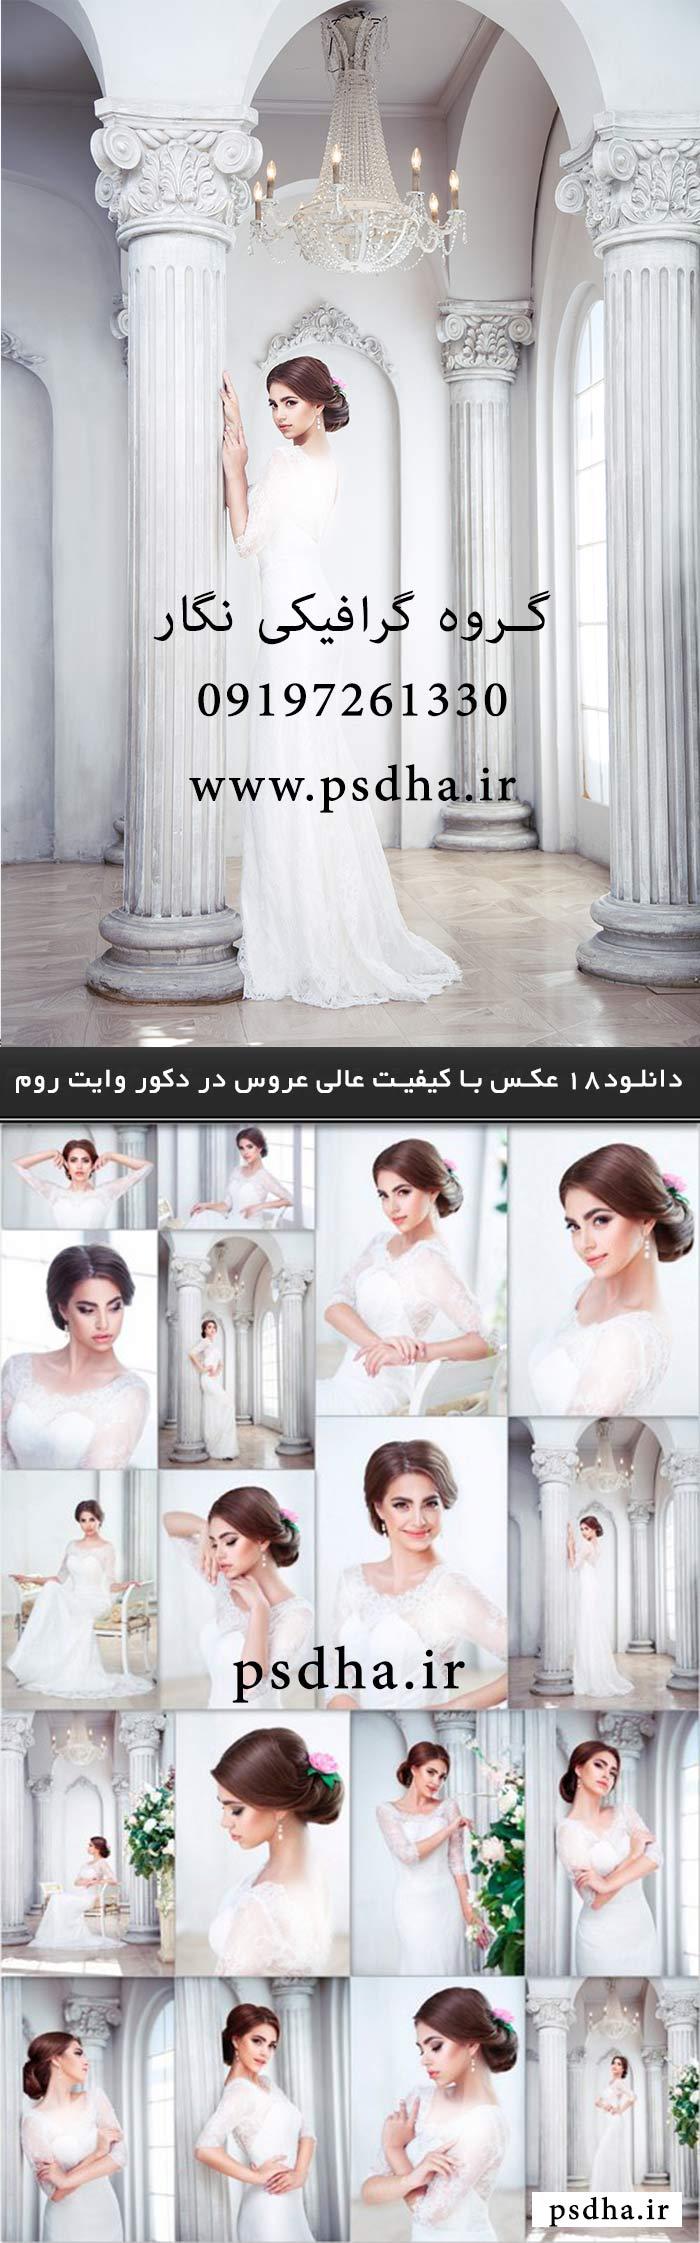 دانلود عکس عروس در دکور وایت روم با کیفیت عالی